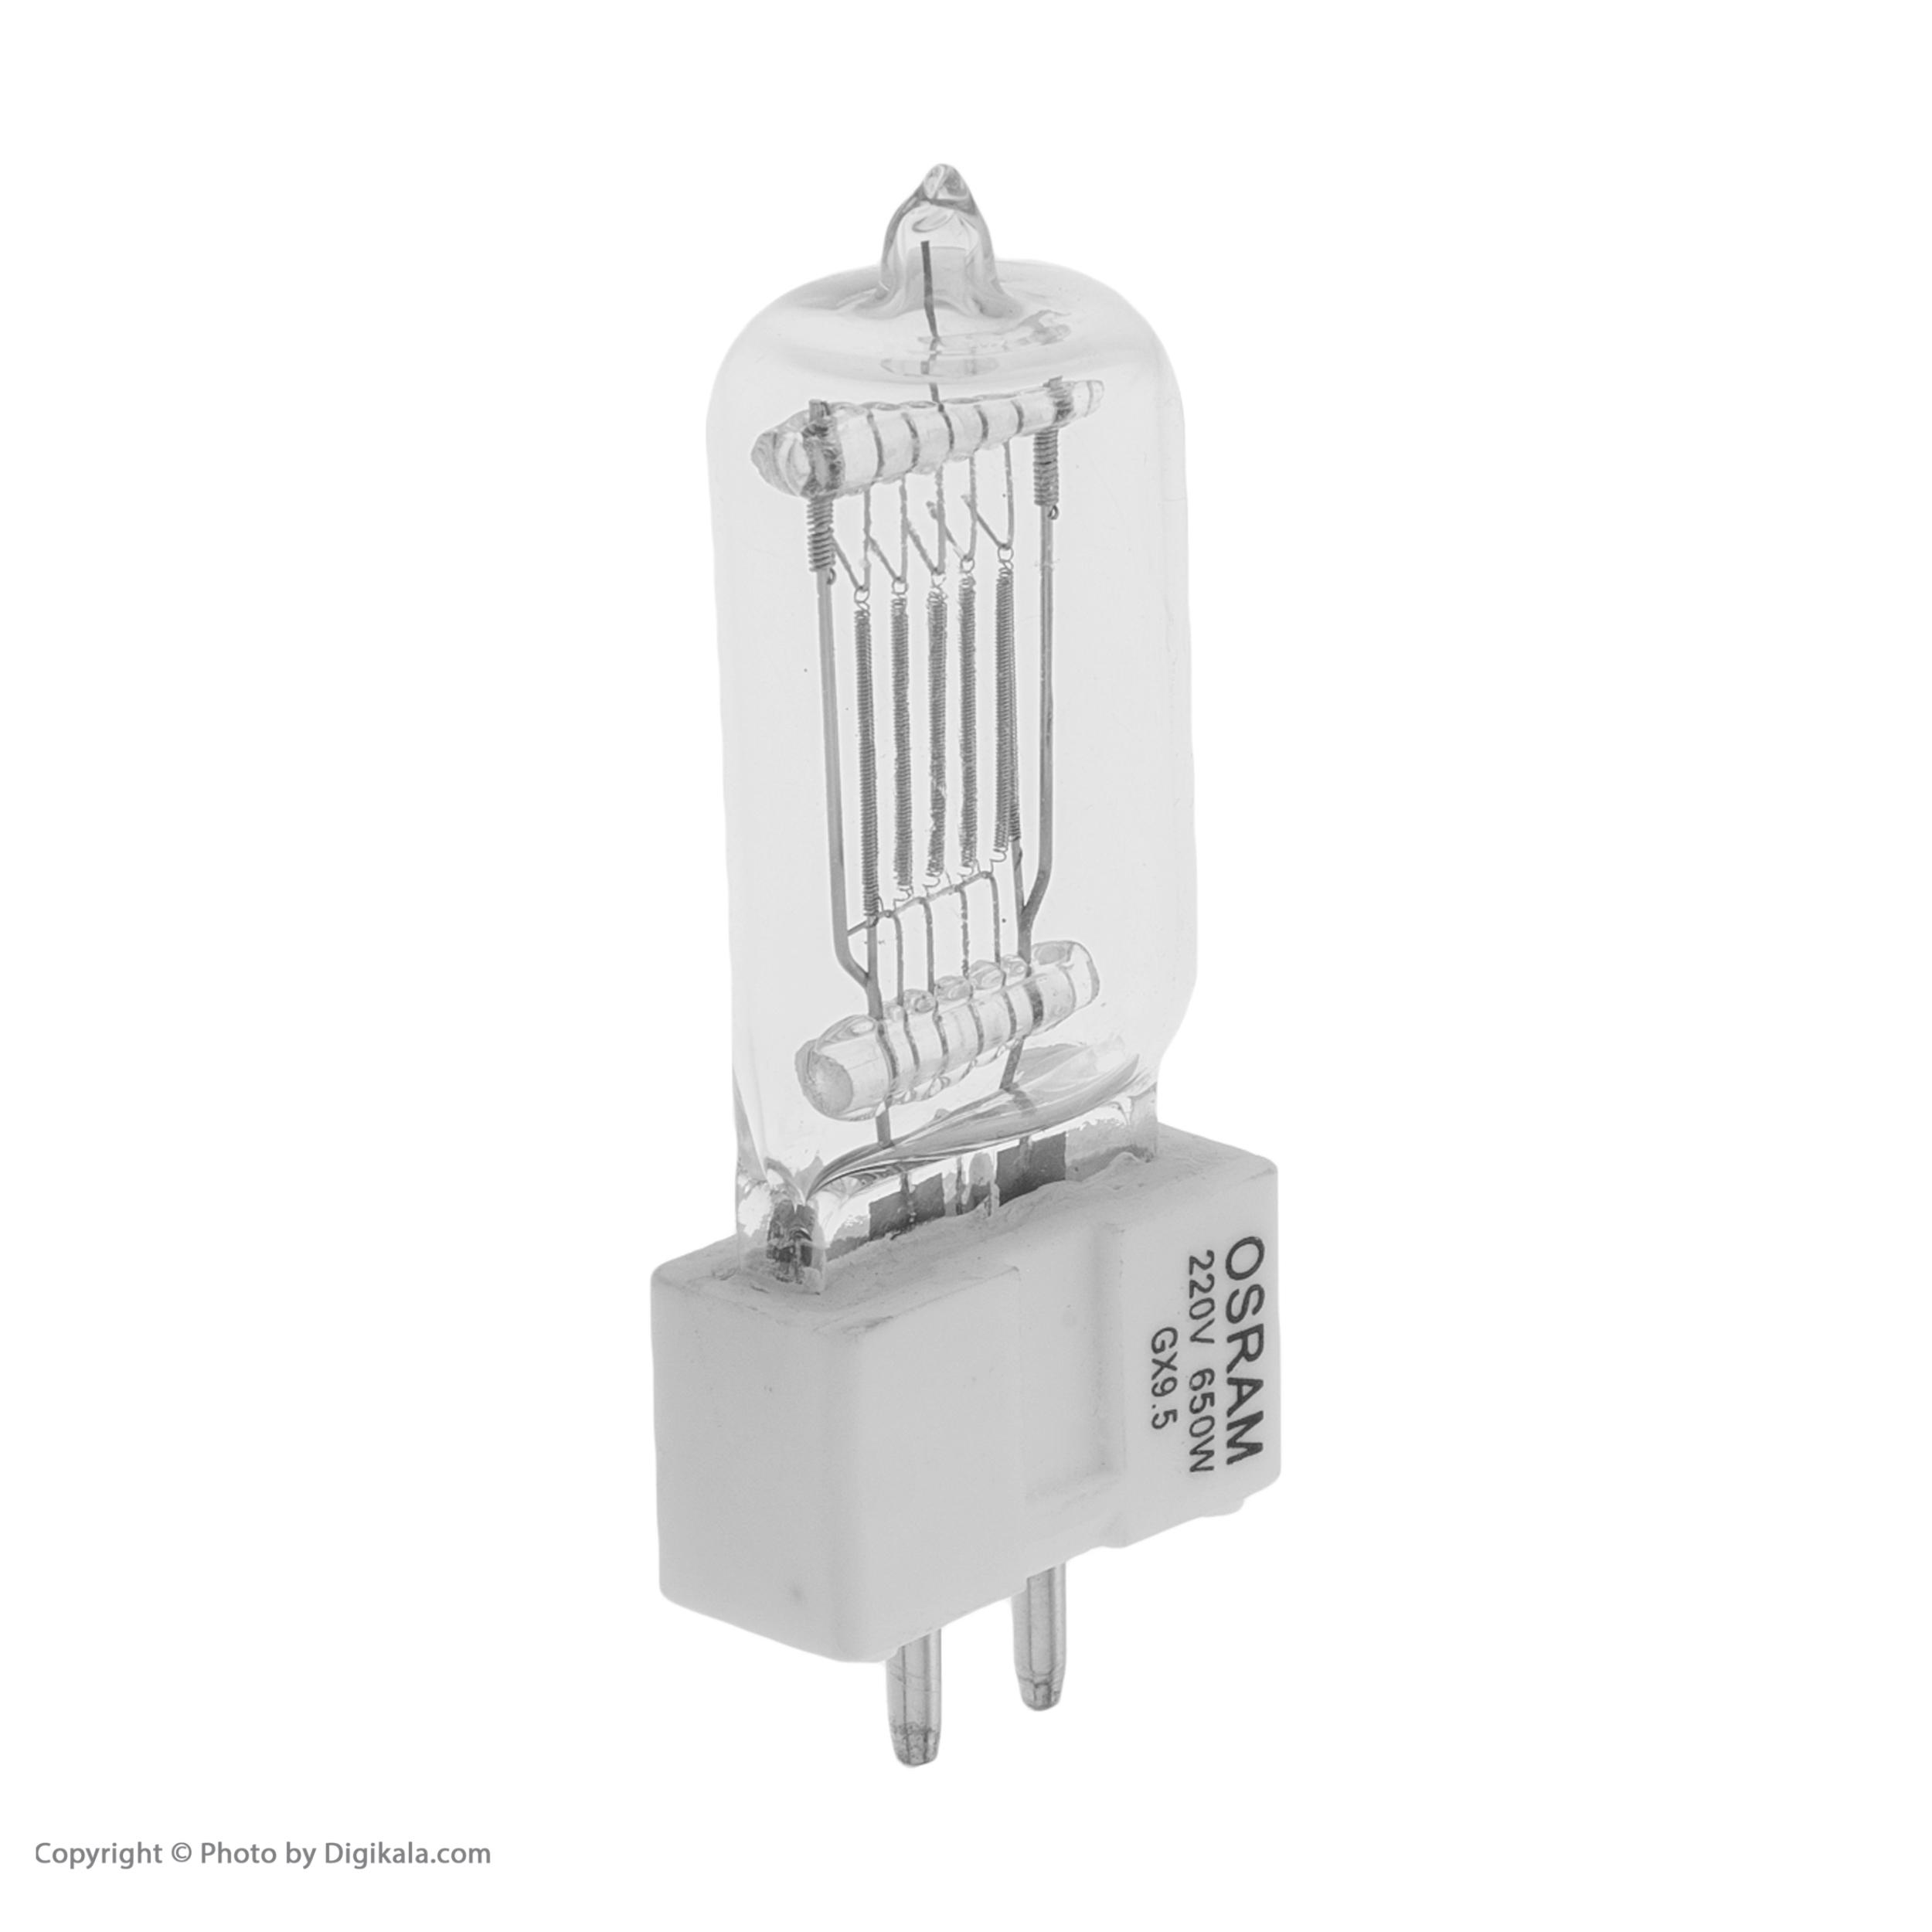 لامپ 650 وات مدل RA-03 پایه GX9.5                     غیر اصل